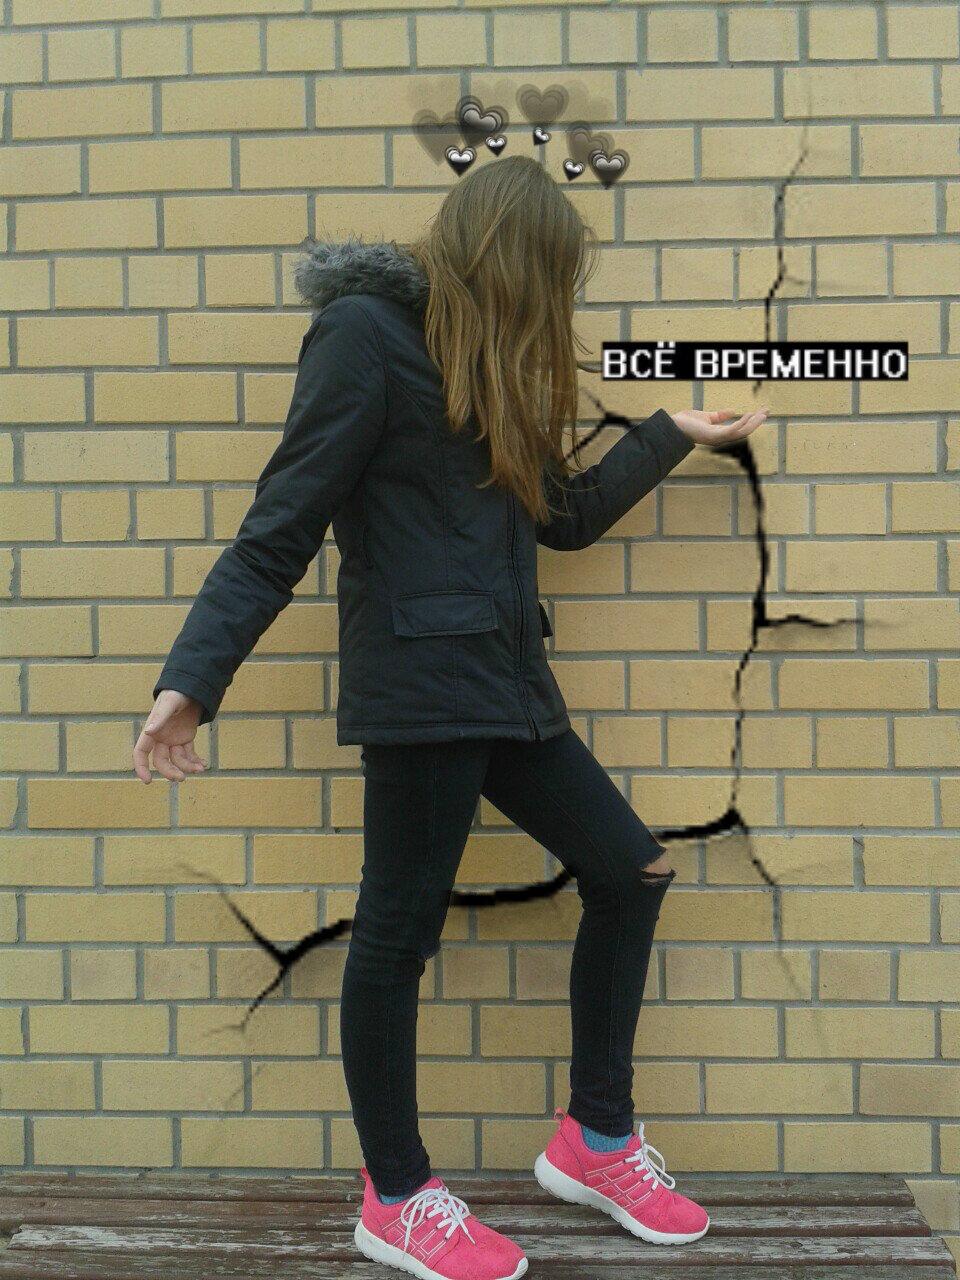 Фото на аву для девушки с надписью, поцелуй открытка